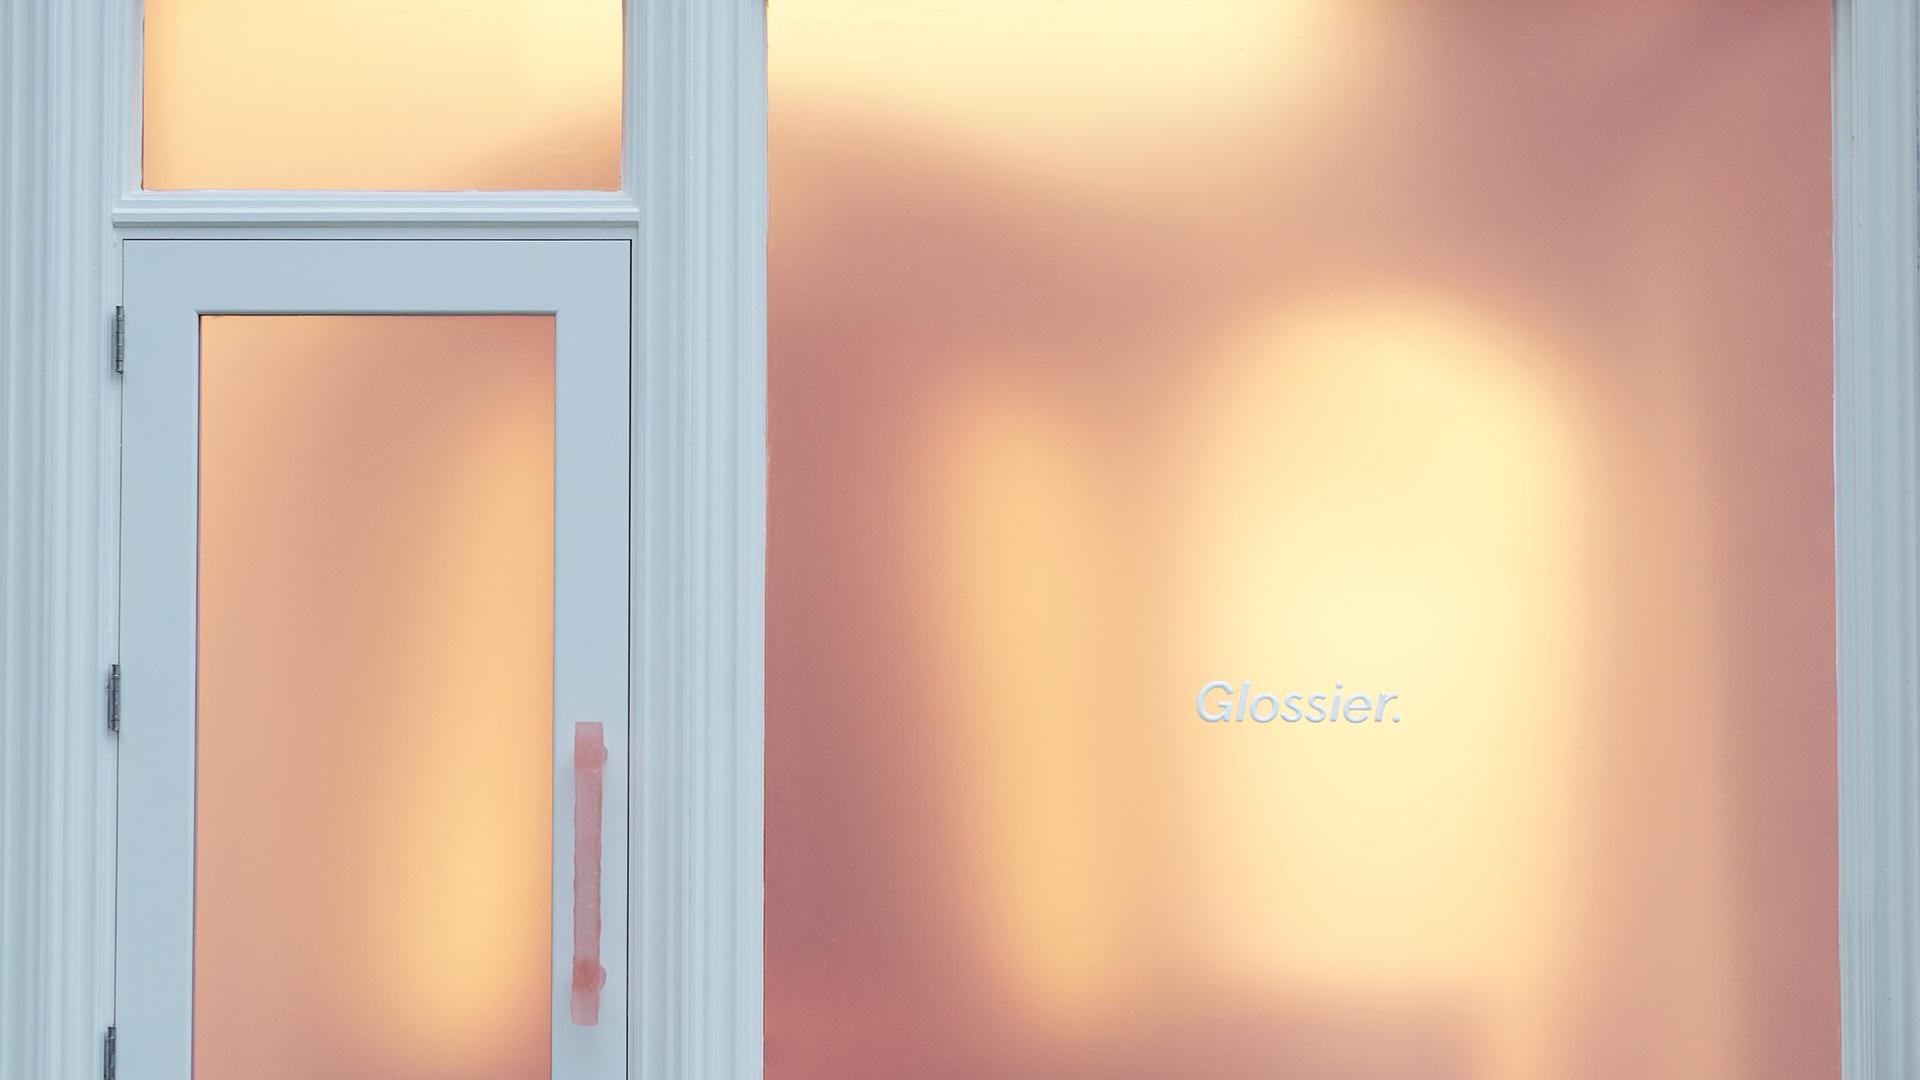 Glossier Retail Closure for COVID-19